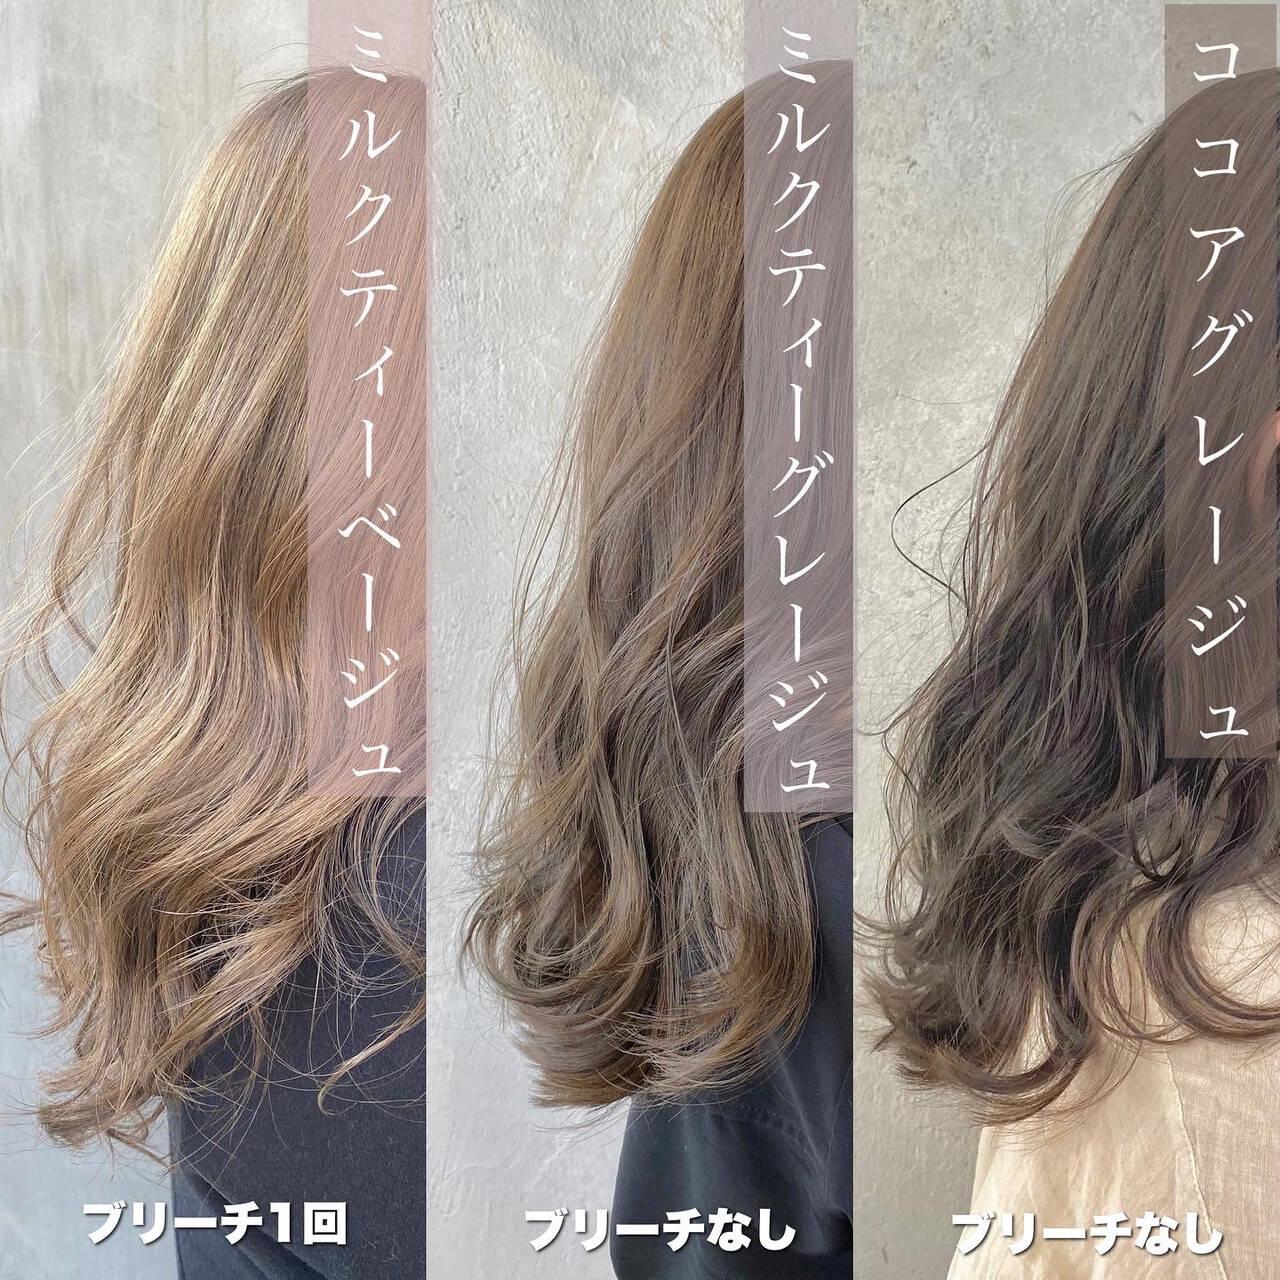 ロング ココアベージュ ミルクティーベージュ ナチュラルヘアスタイルや髪型の写真・画像